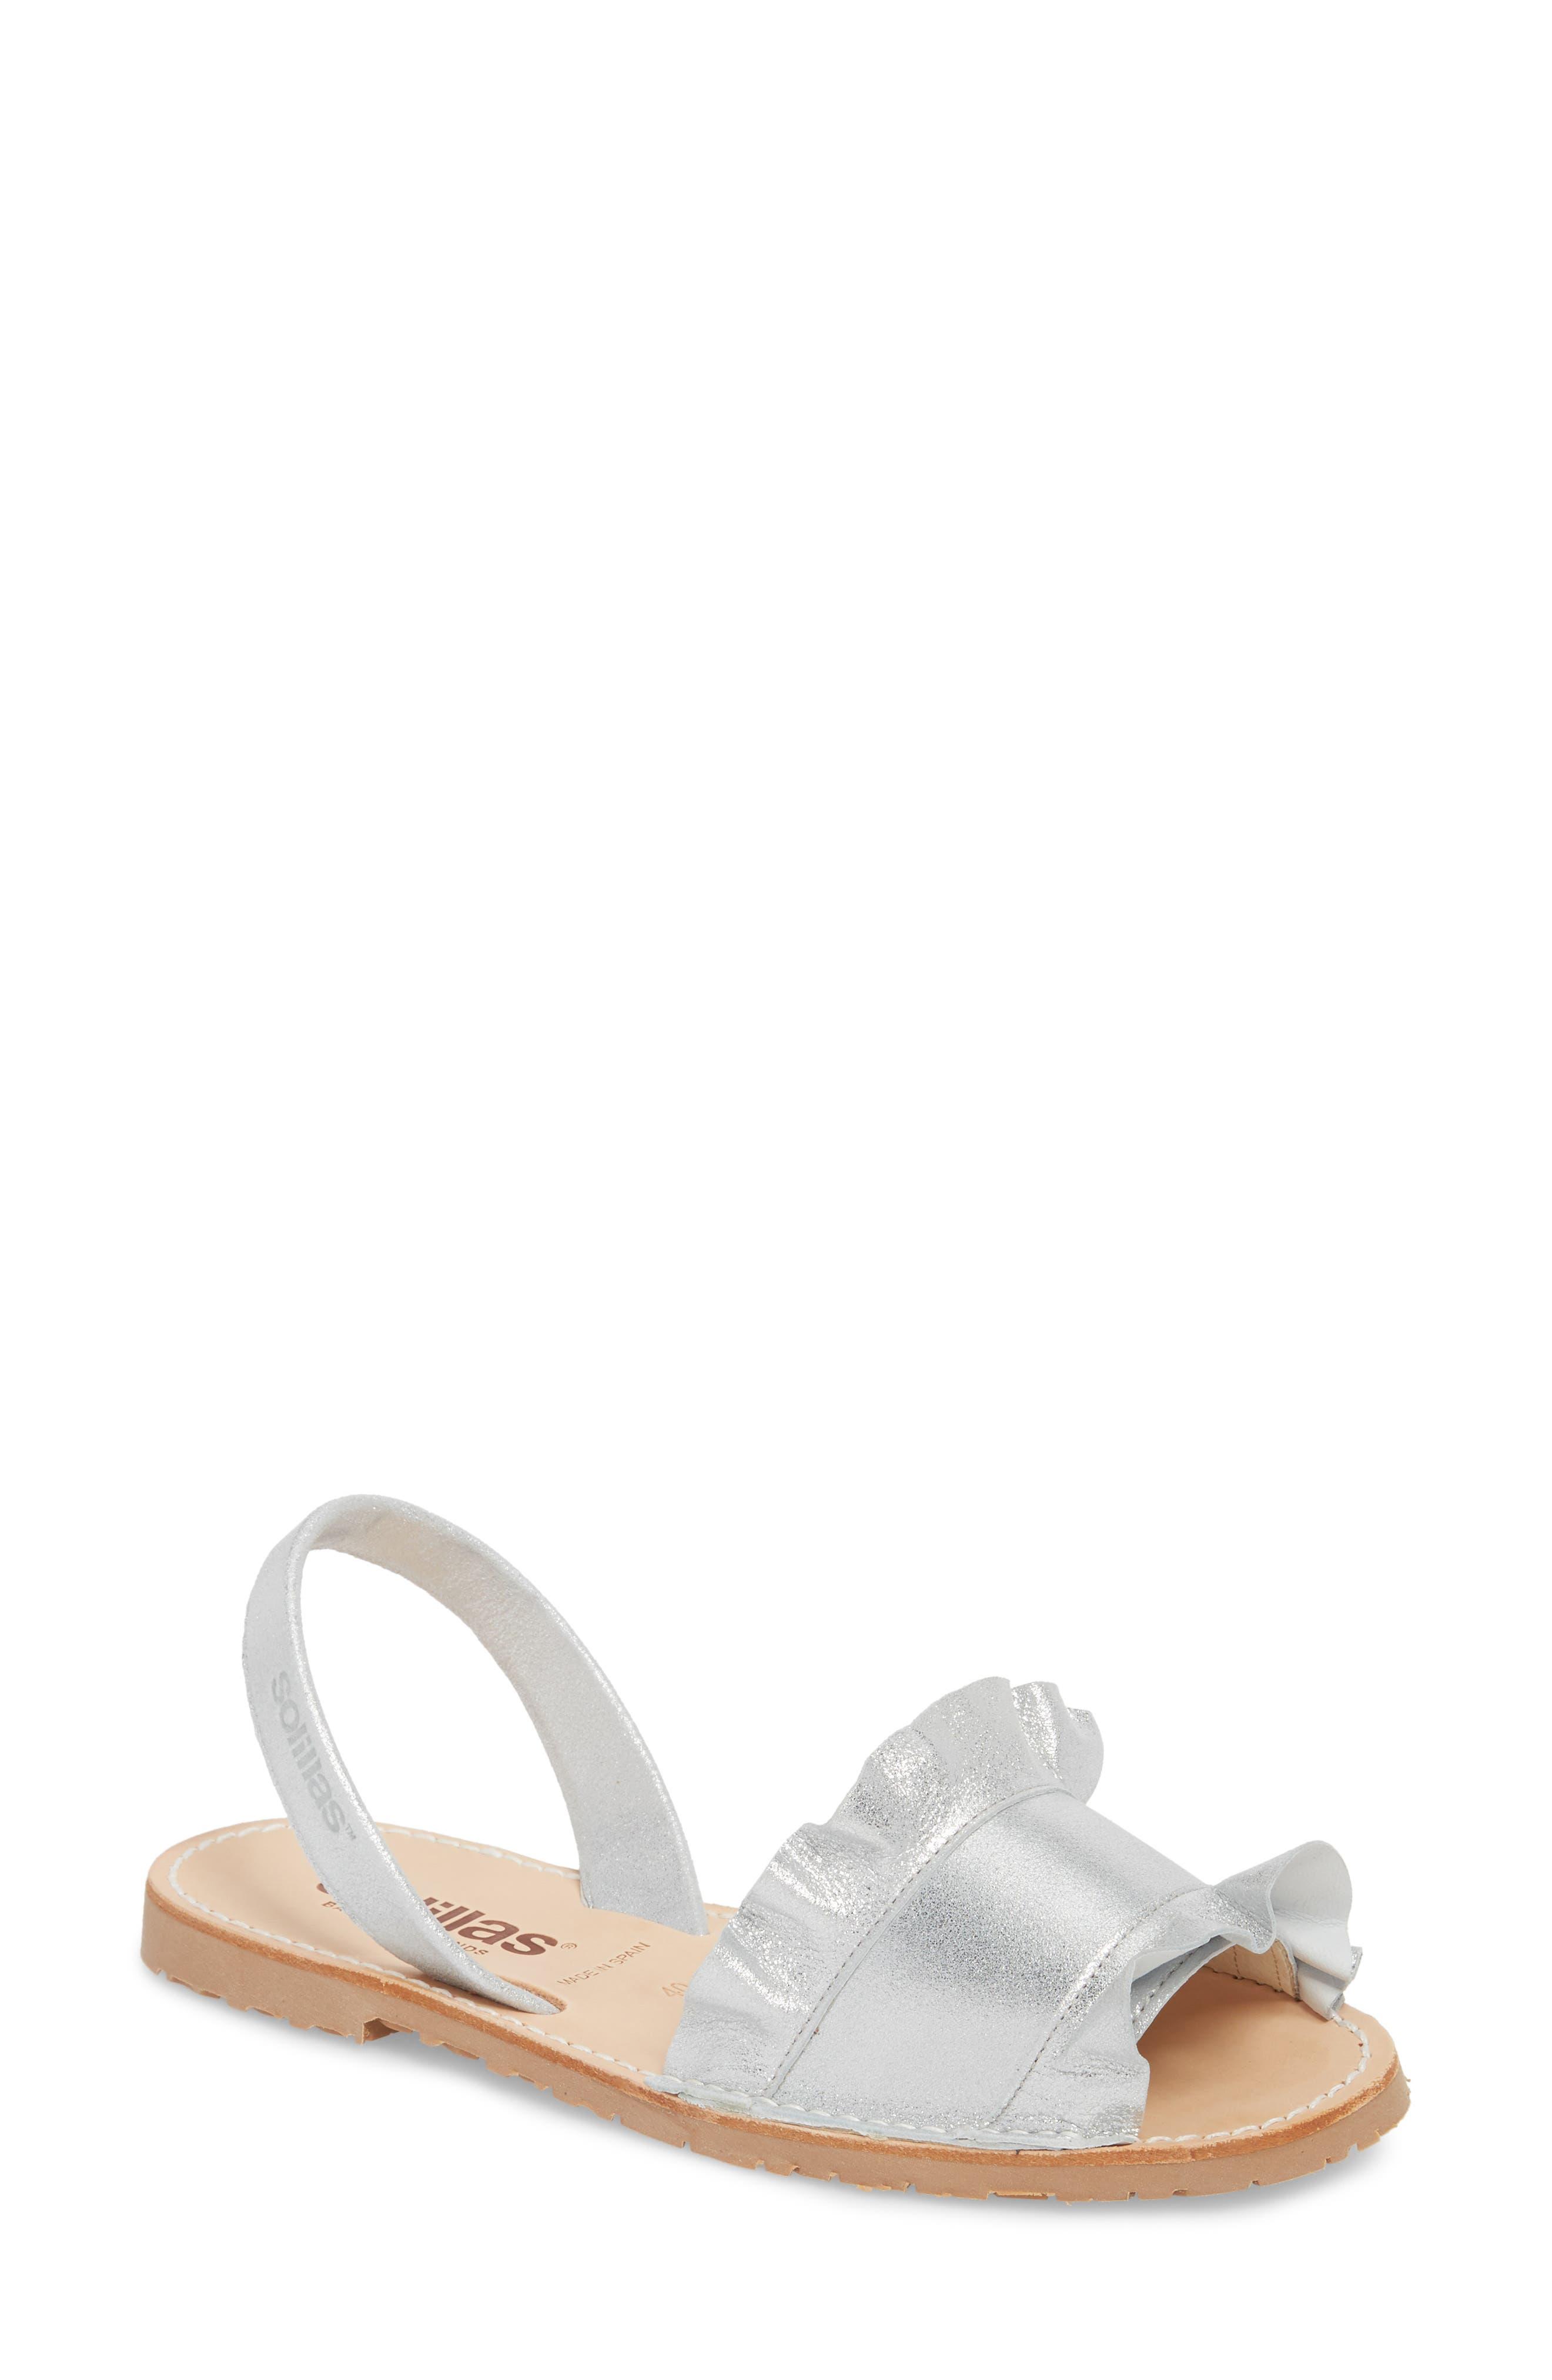 Frilled Flat Sandal,                         Main,                         color, 040